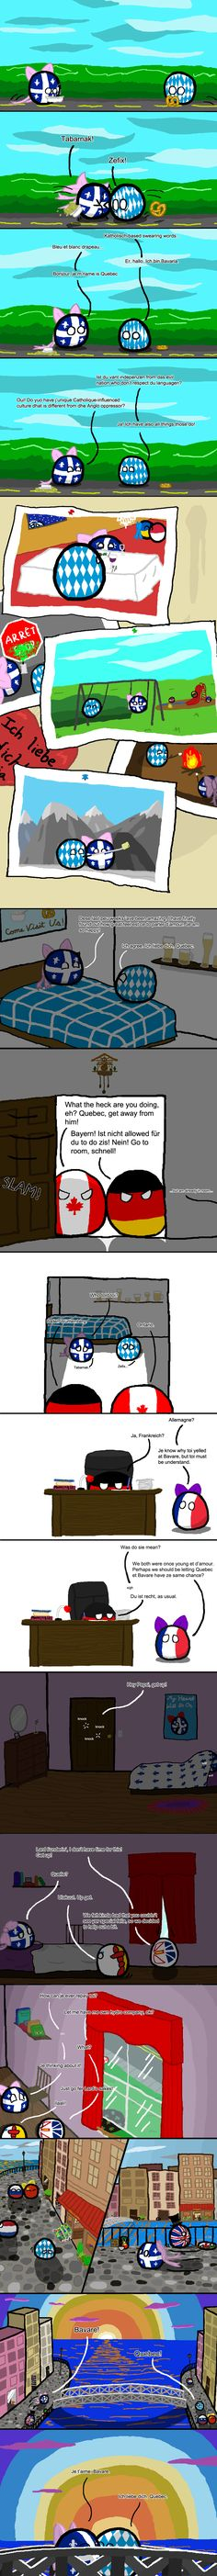 Parler Damour | Polandballs Countryballs